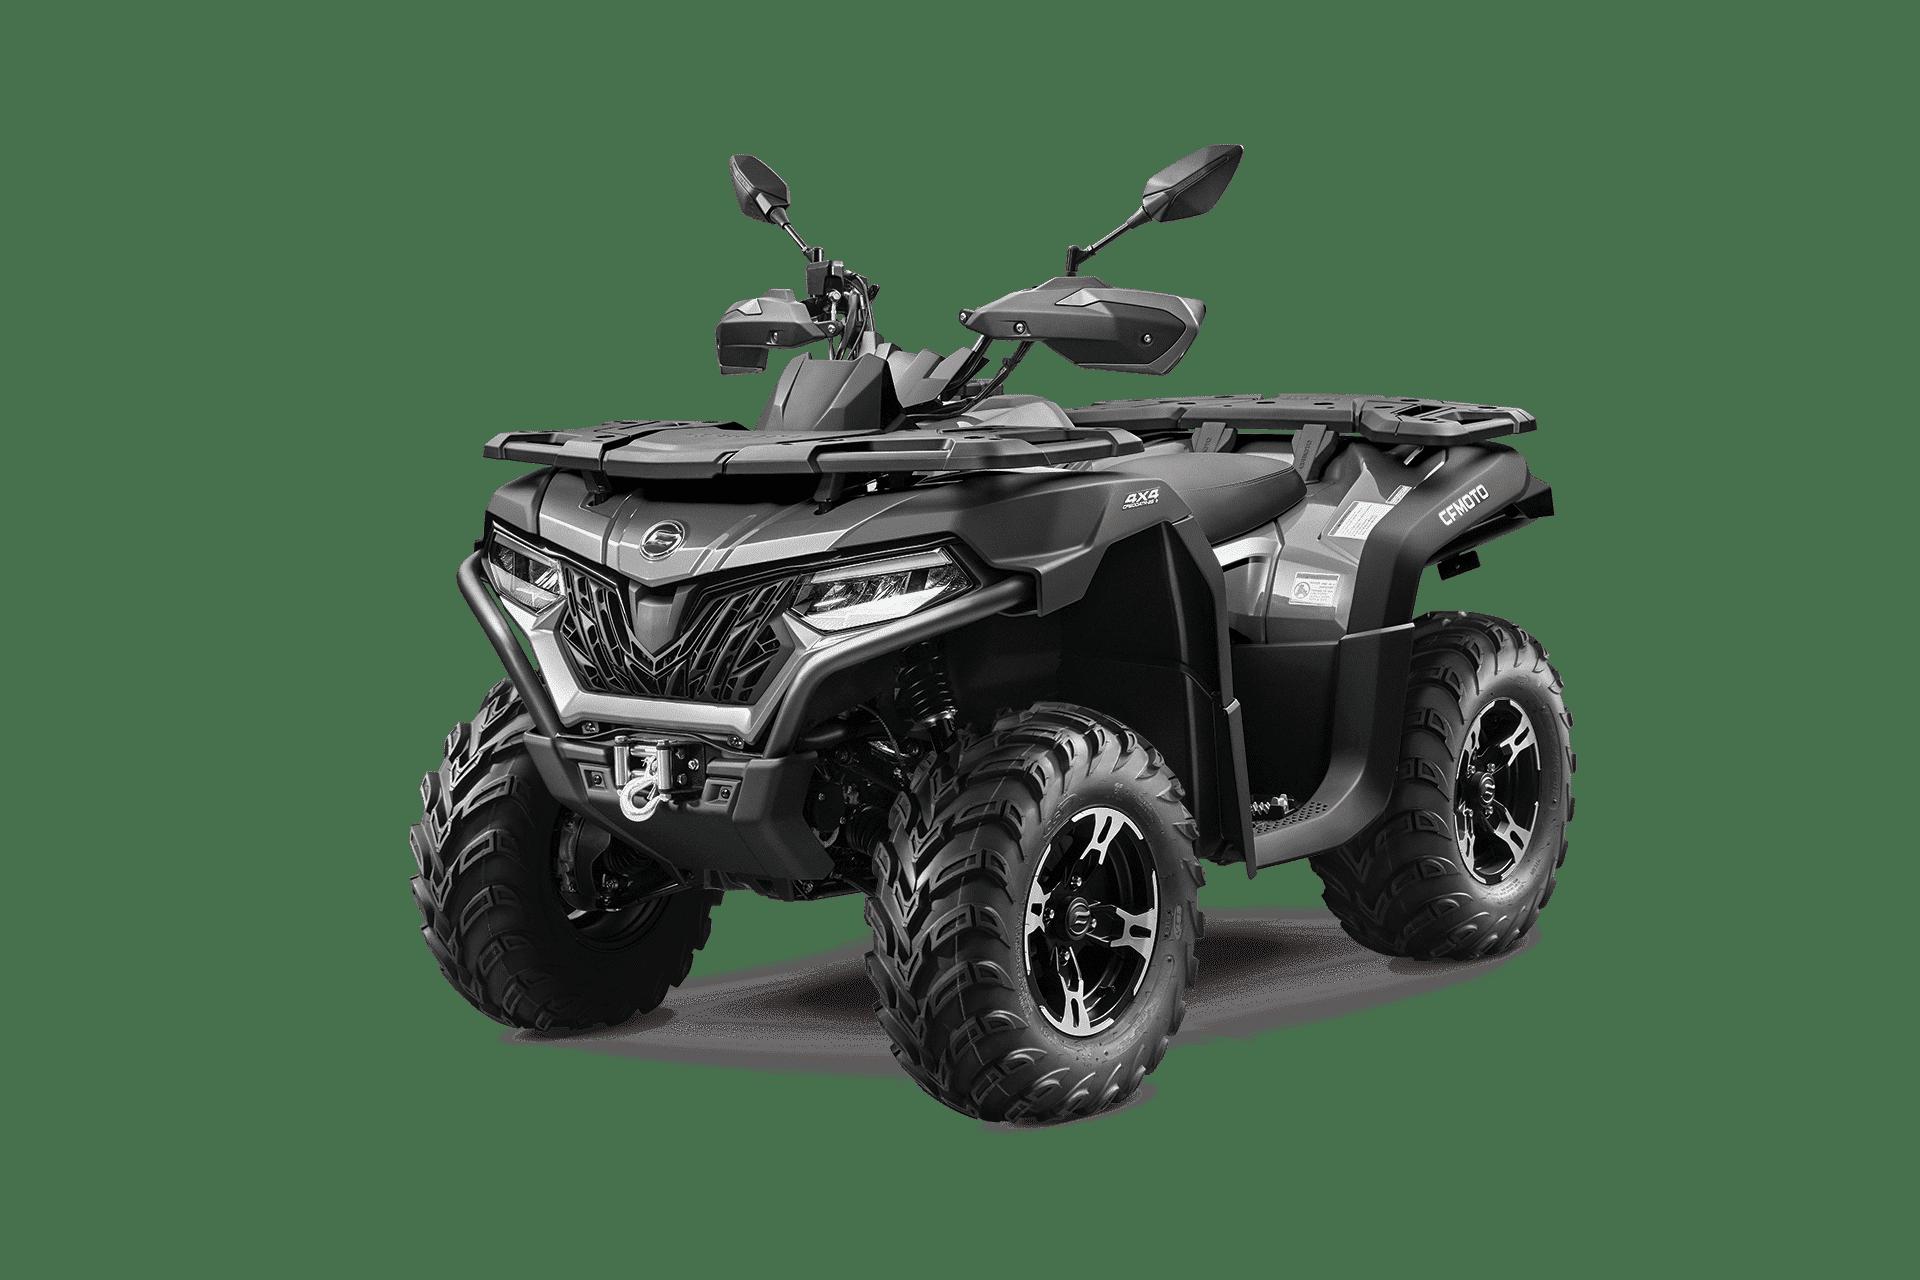 CFMOTO CFORCE 625 mönkijä - ATV